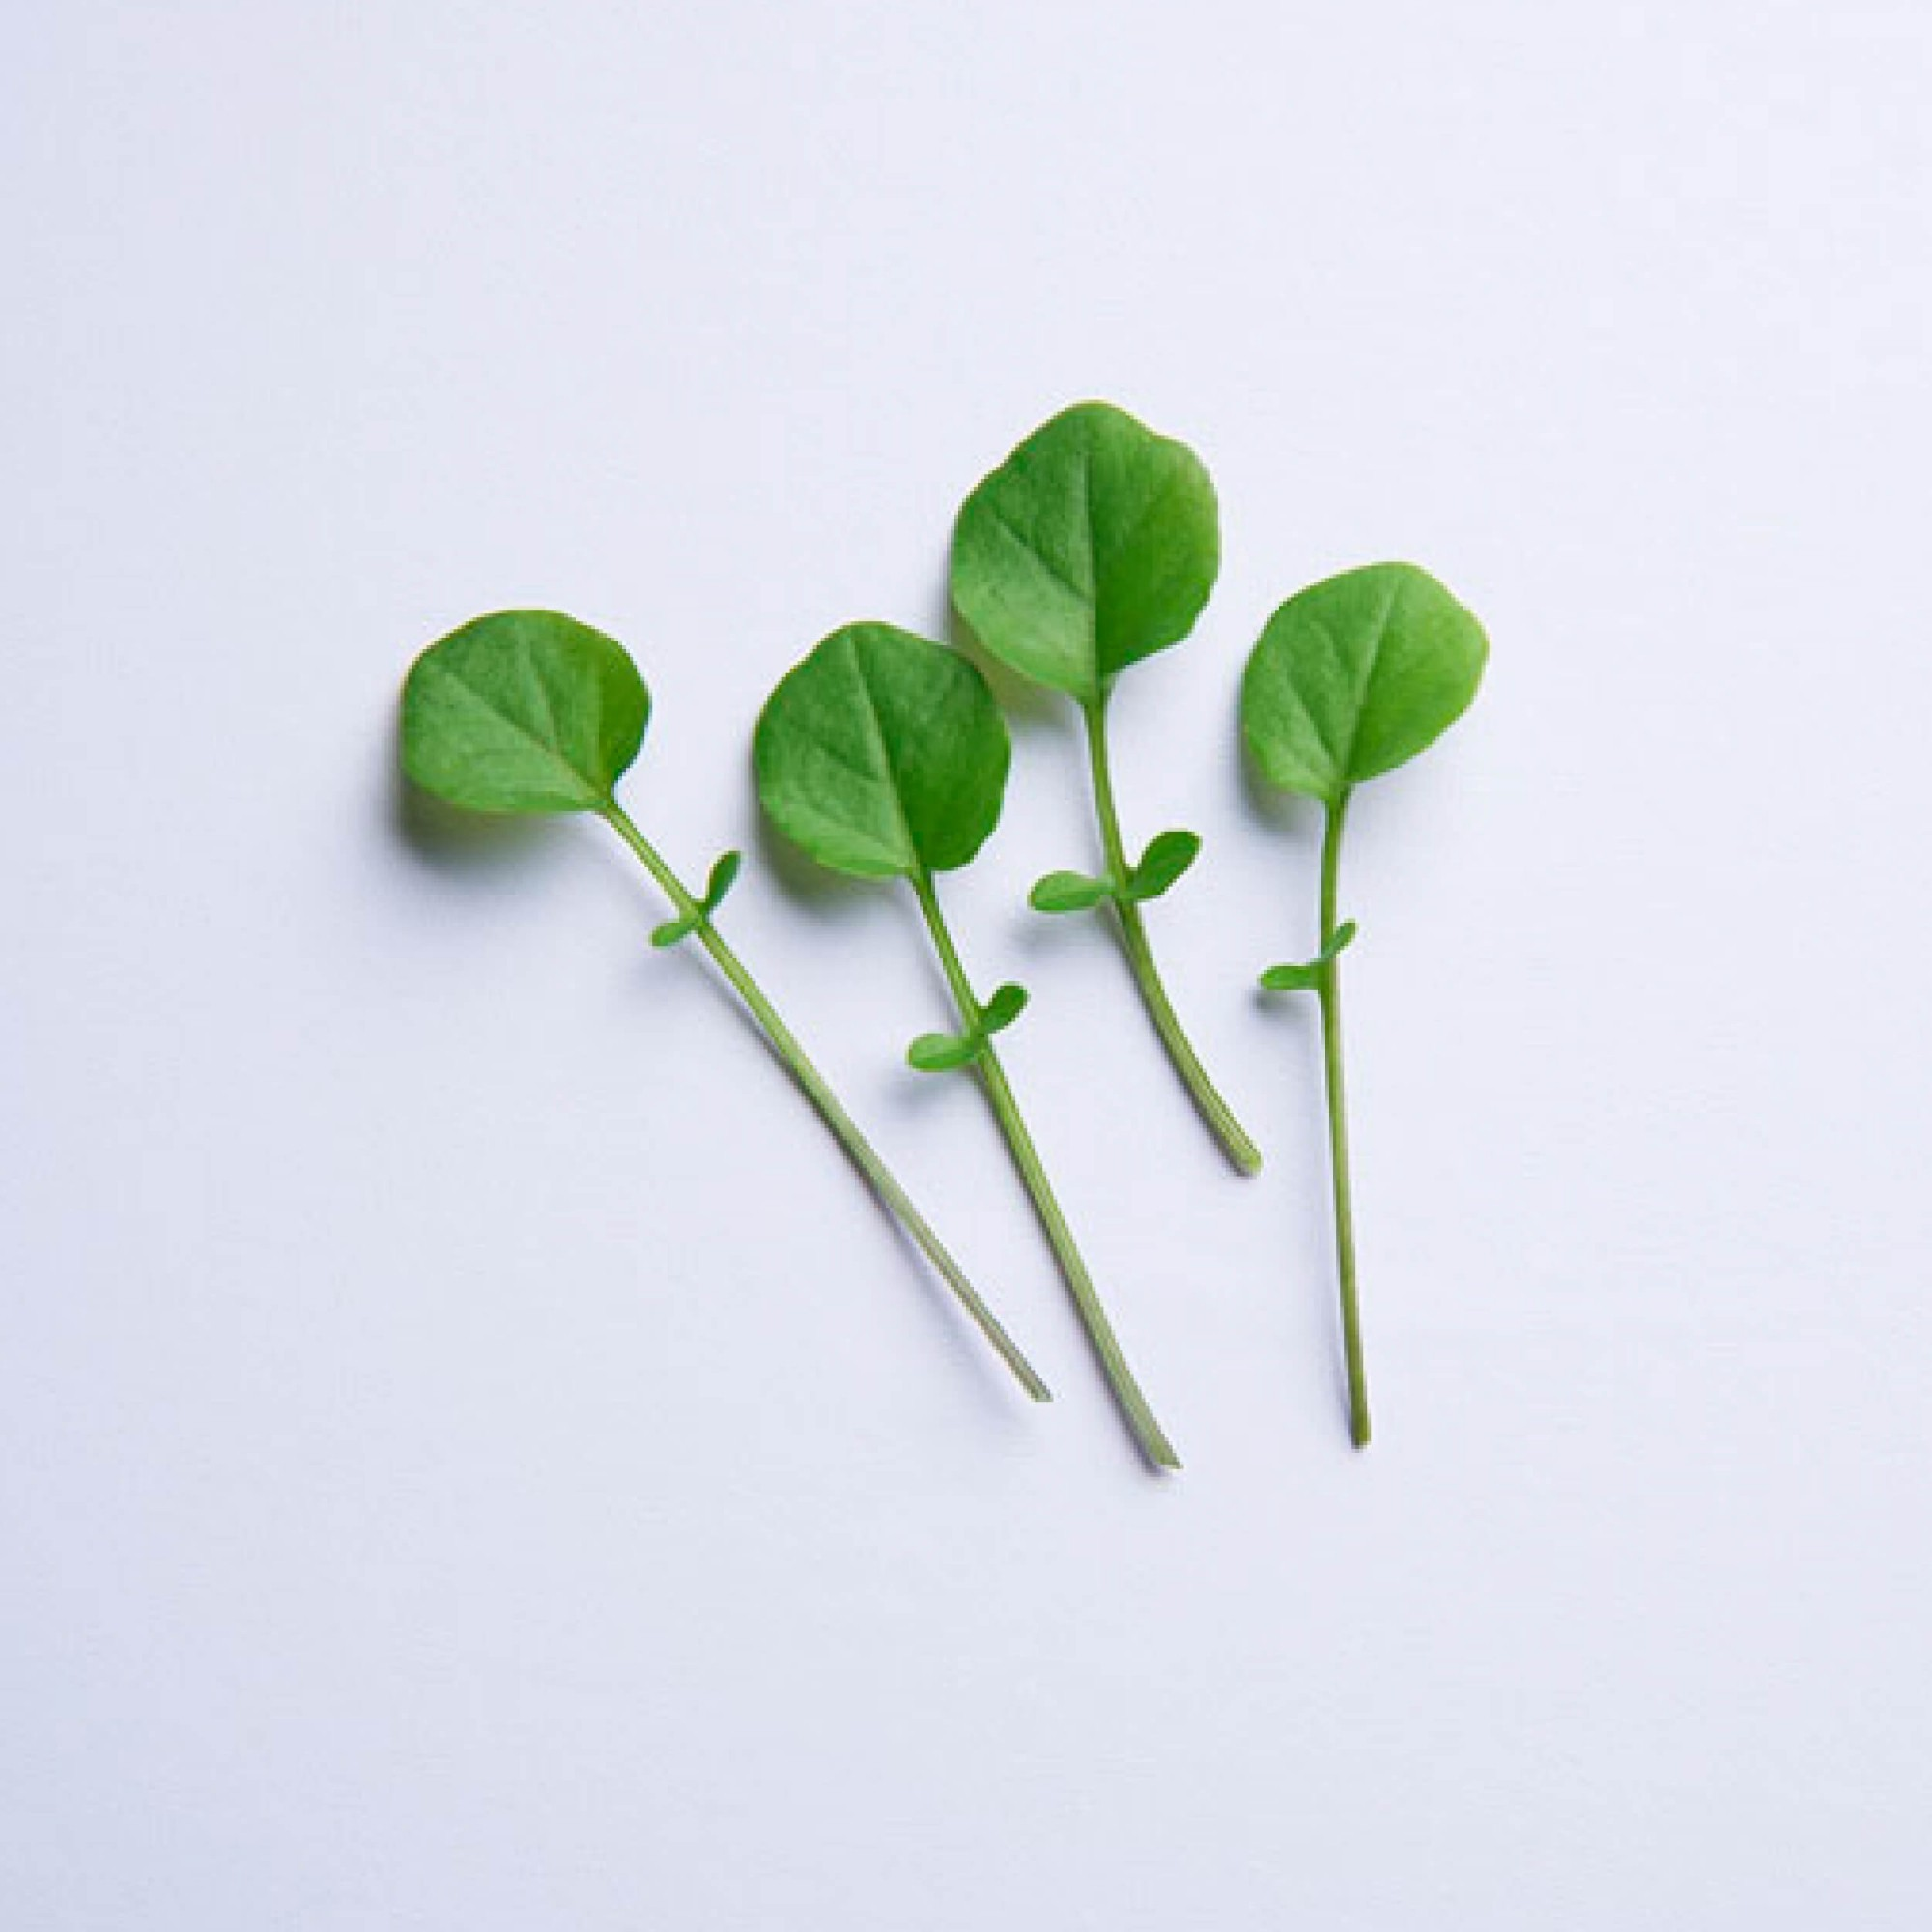 Sementes para plantar Agrião em vasos autoirrigáveis RAIZ  - Loja Raiz